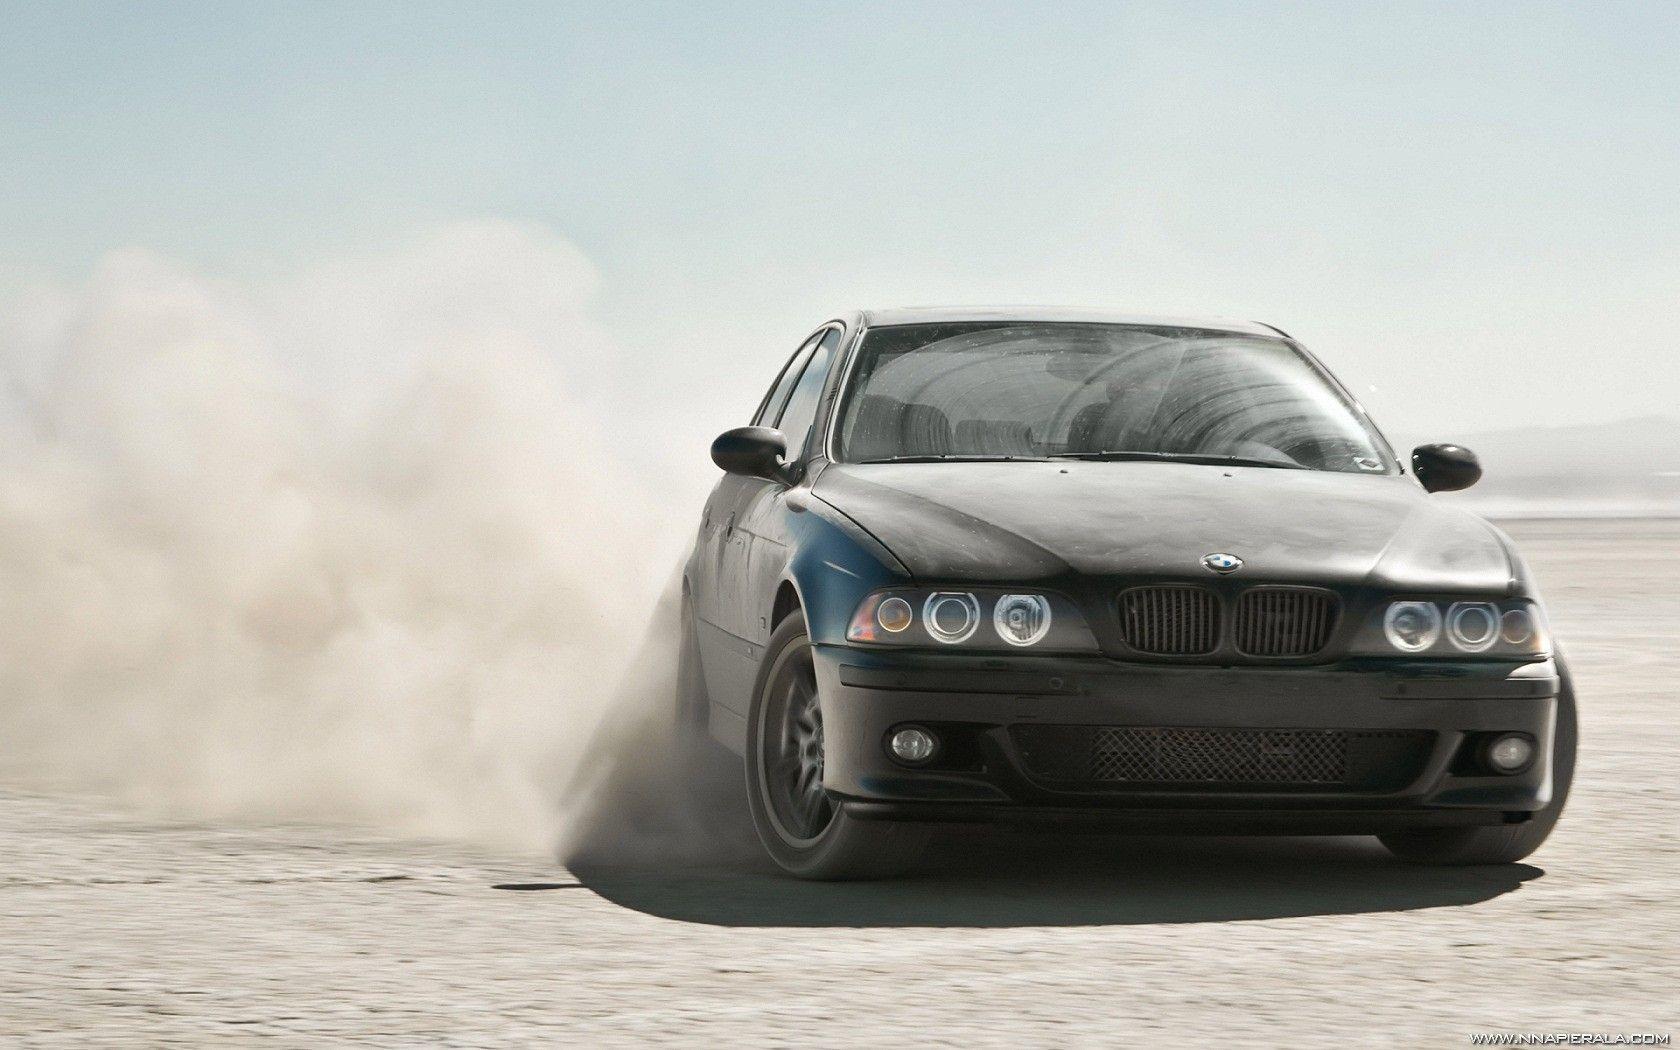 1680x1050 cars drift - photo #29